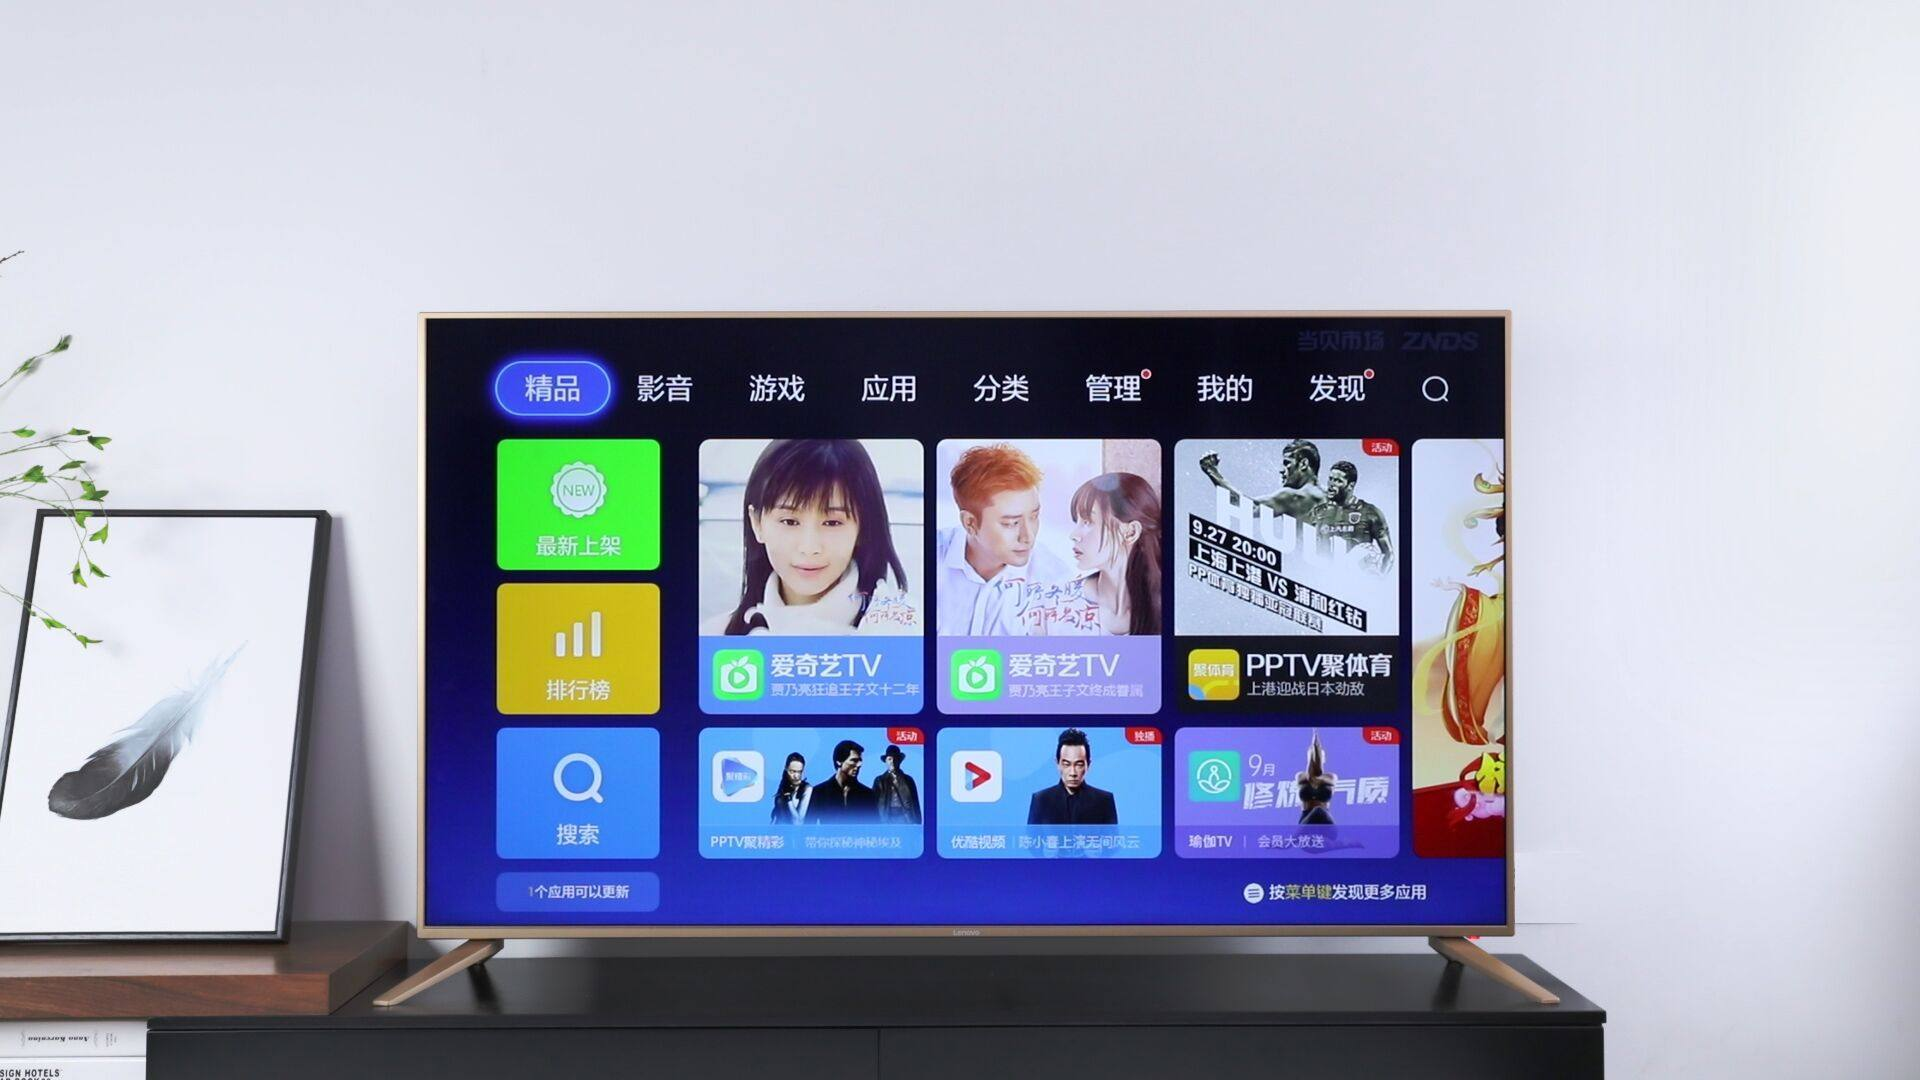 智能电视如何免费收看电视台?超好用的电视TV软件推荐